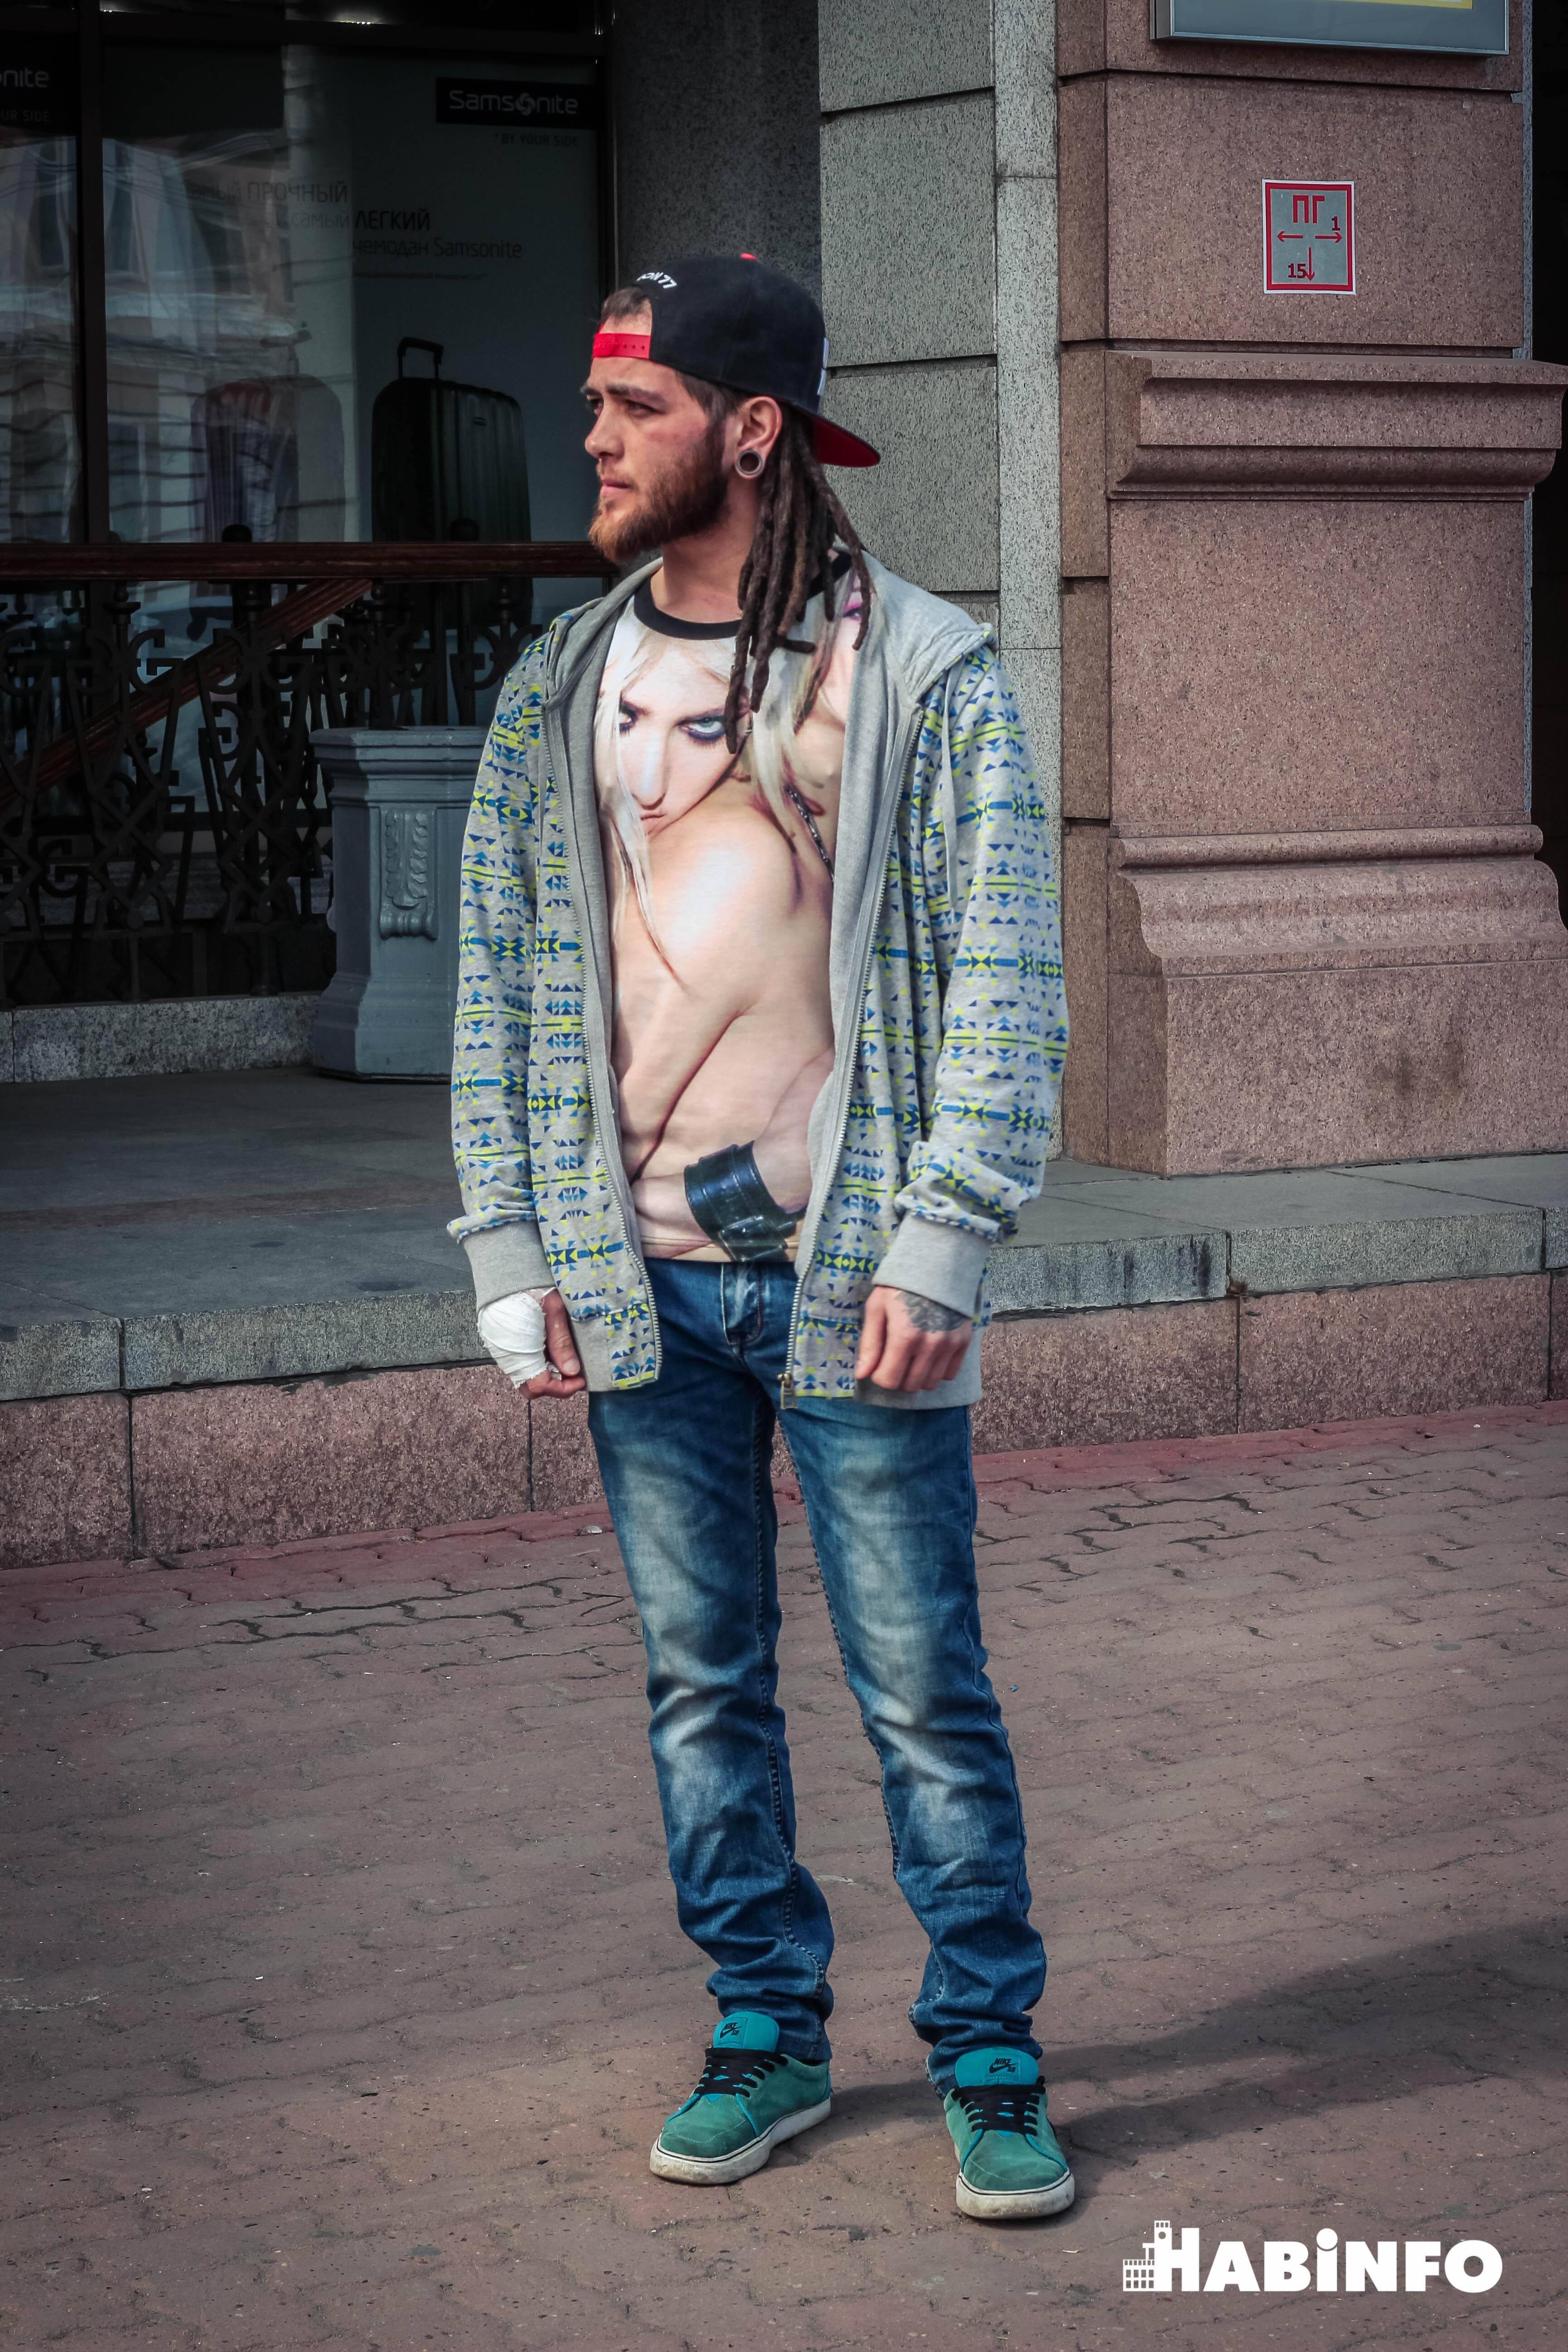 Пять интересных образов хабаровских модников по версии habinfo.ru (ФОТО)